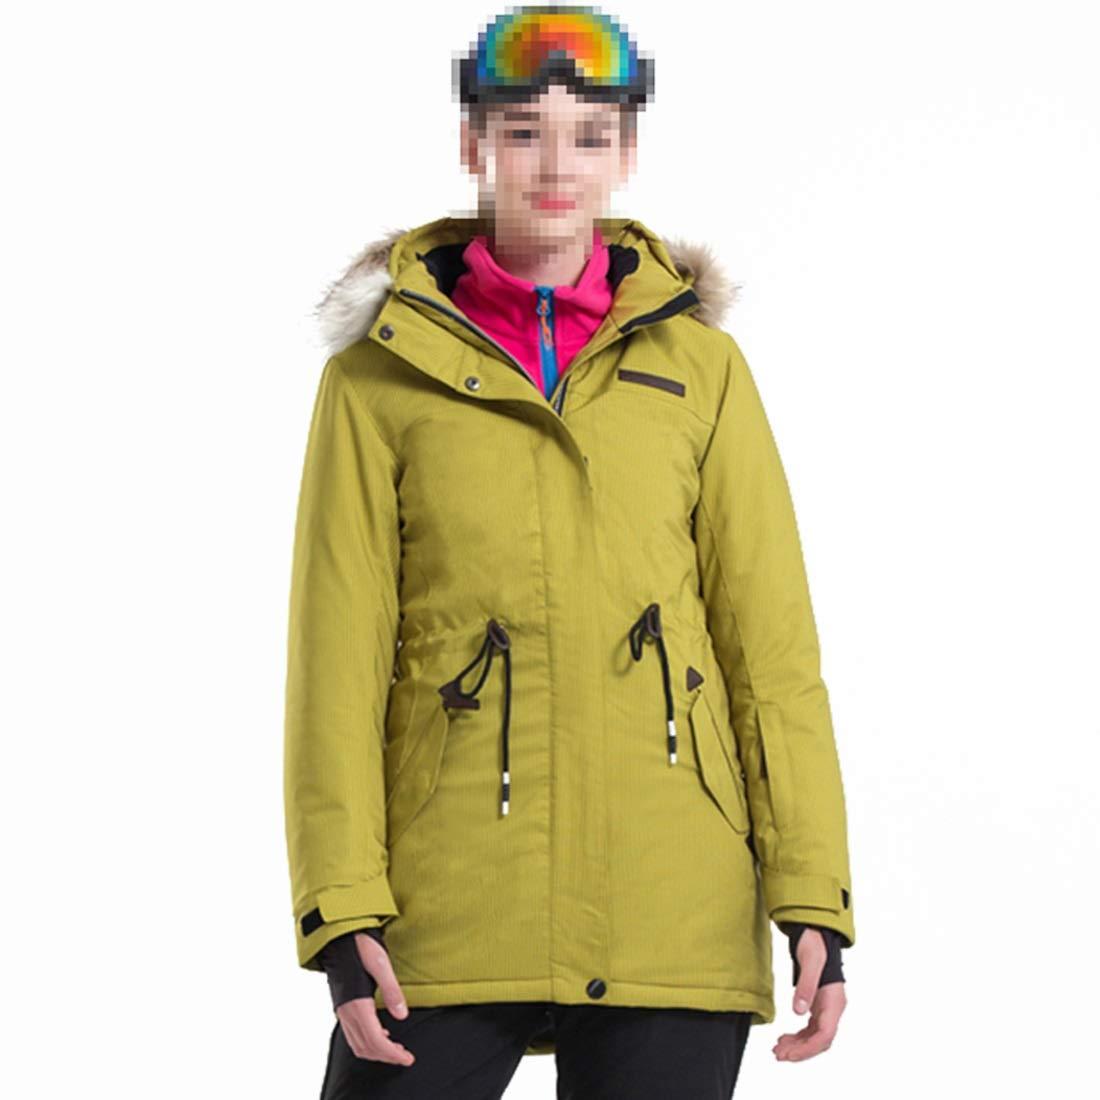 FELICIKK Giacca da Sci da Snowboard Snowboard Snowboard Traspirante Impermeabile da Donna (Coloree   giallo, Dimensione   XXL)B07N43LHJDM giallo | Delicato  | Prezzo economico  | Elegante e solenne  | Prodotti Di Qualità  d537cf